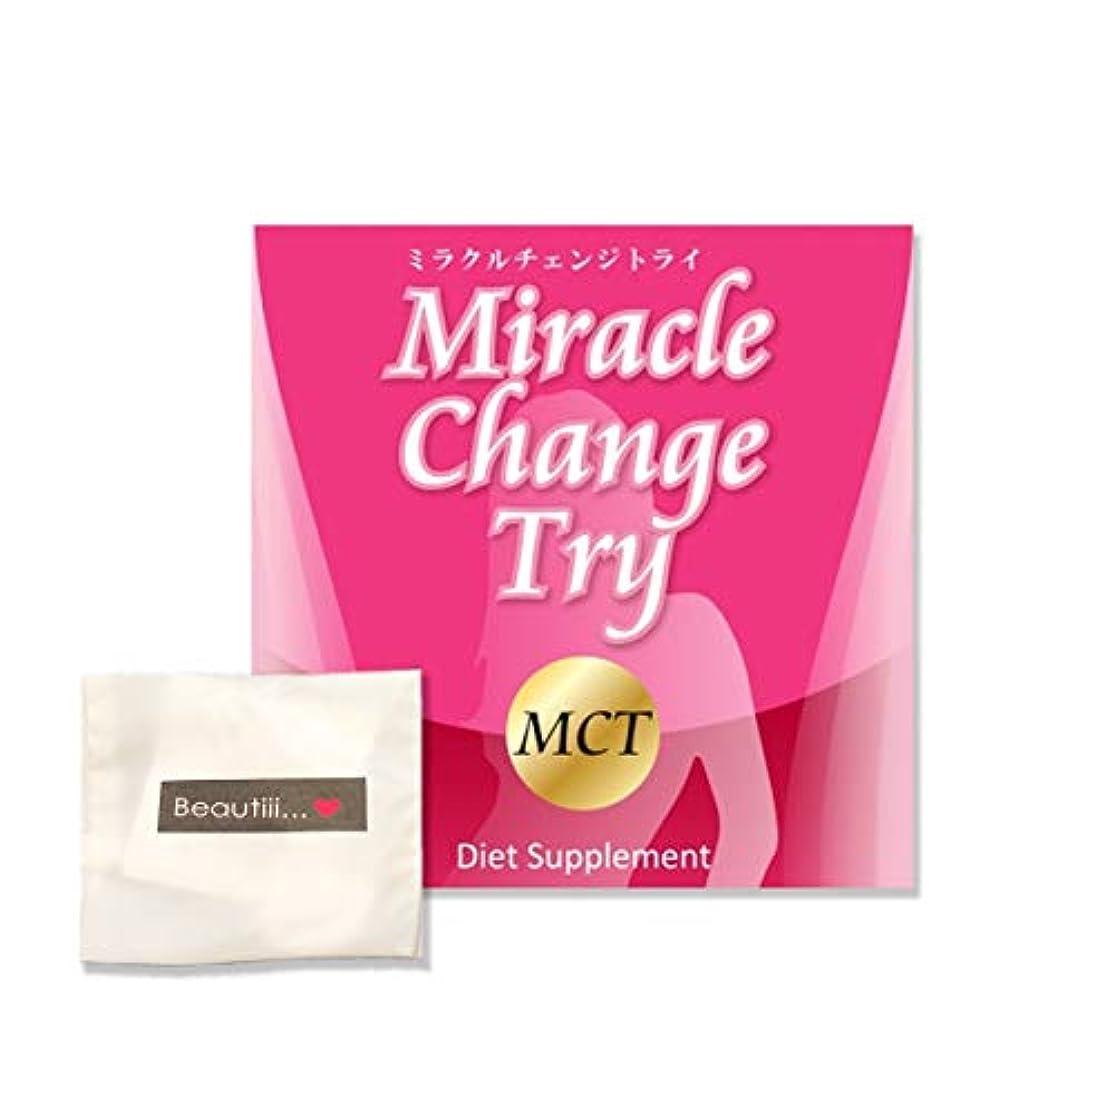 マークダウンいろいろブラシBeautiiiセット & Miracle Change Try ミラクルチェンジトライ 60粒【ギフトセット】SNSで話題!大人気!